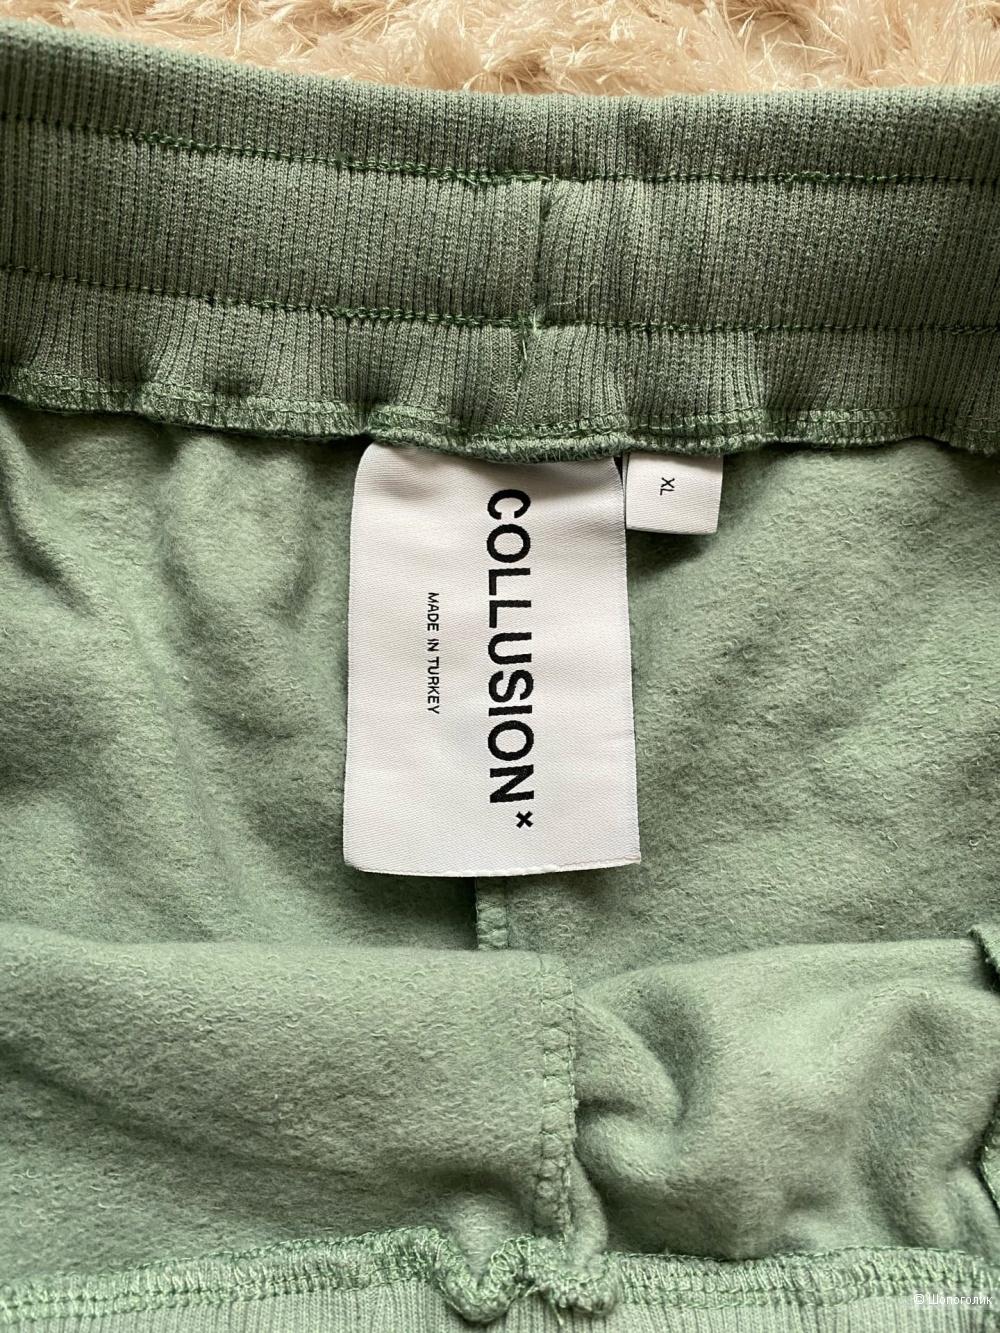 Шорты Collution, размер XL